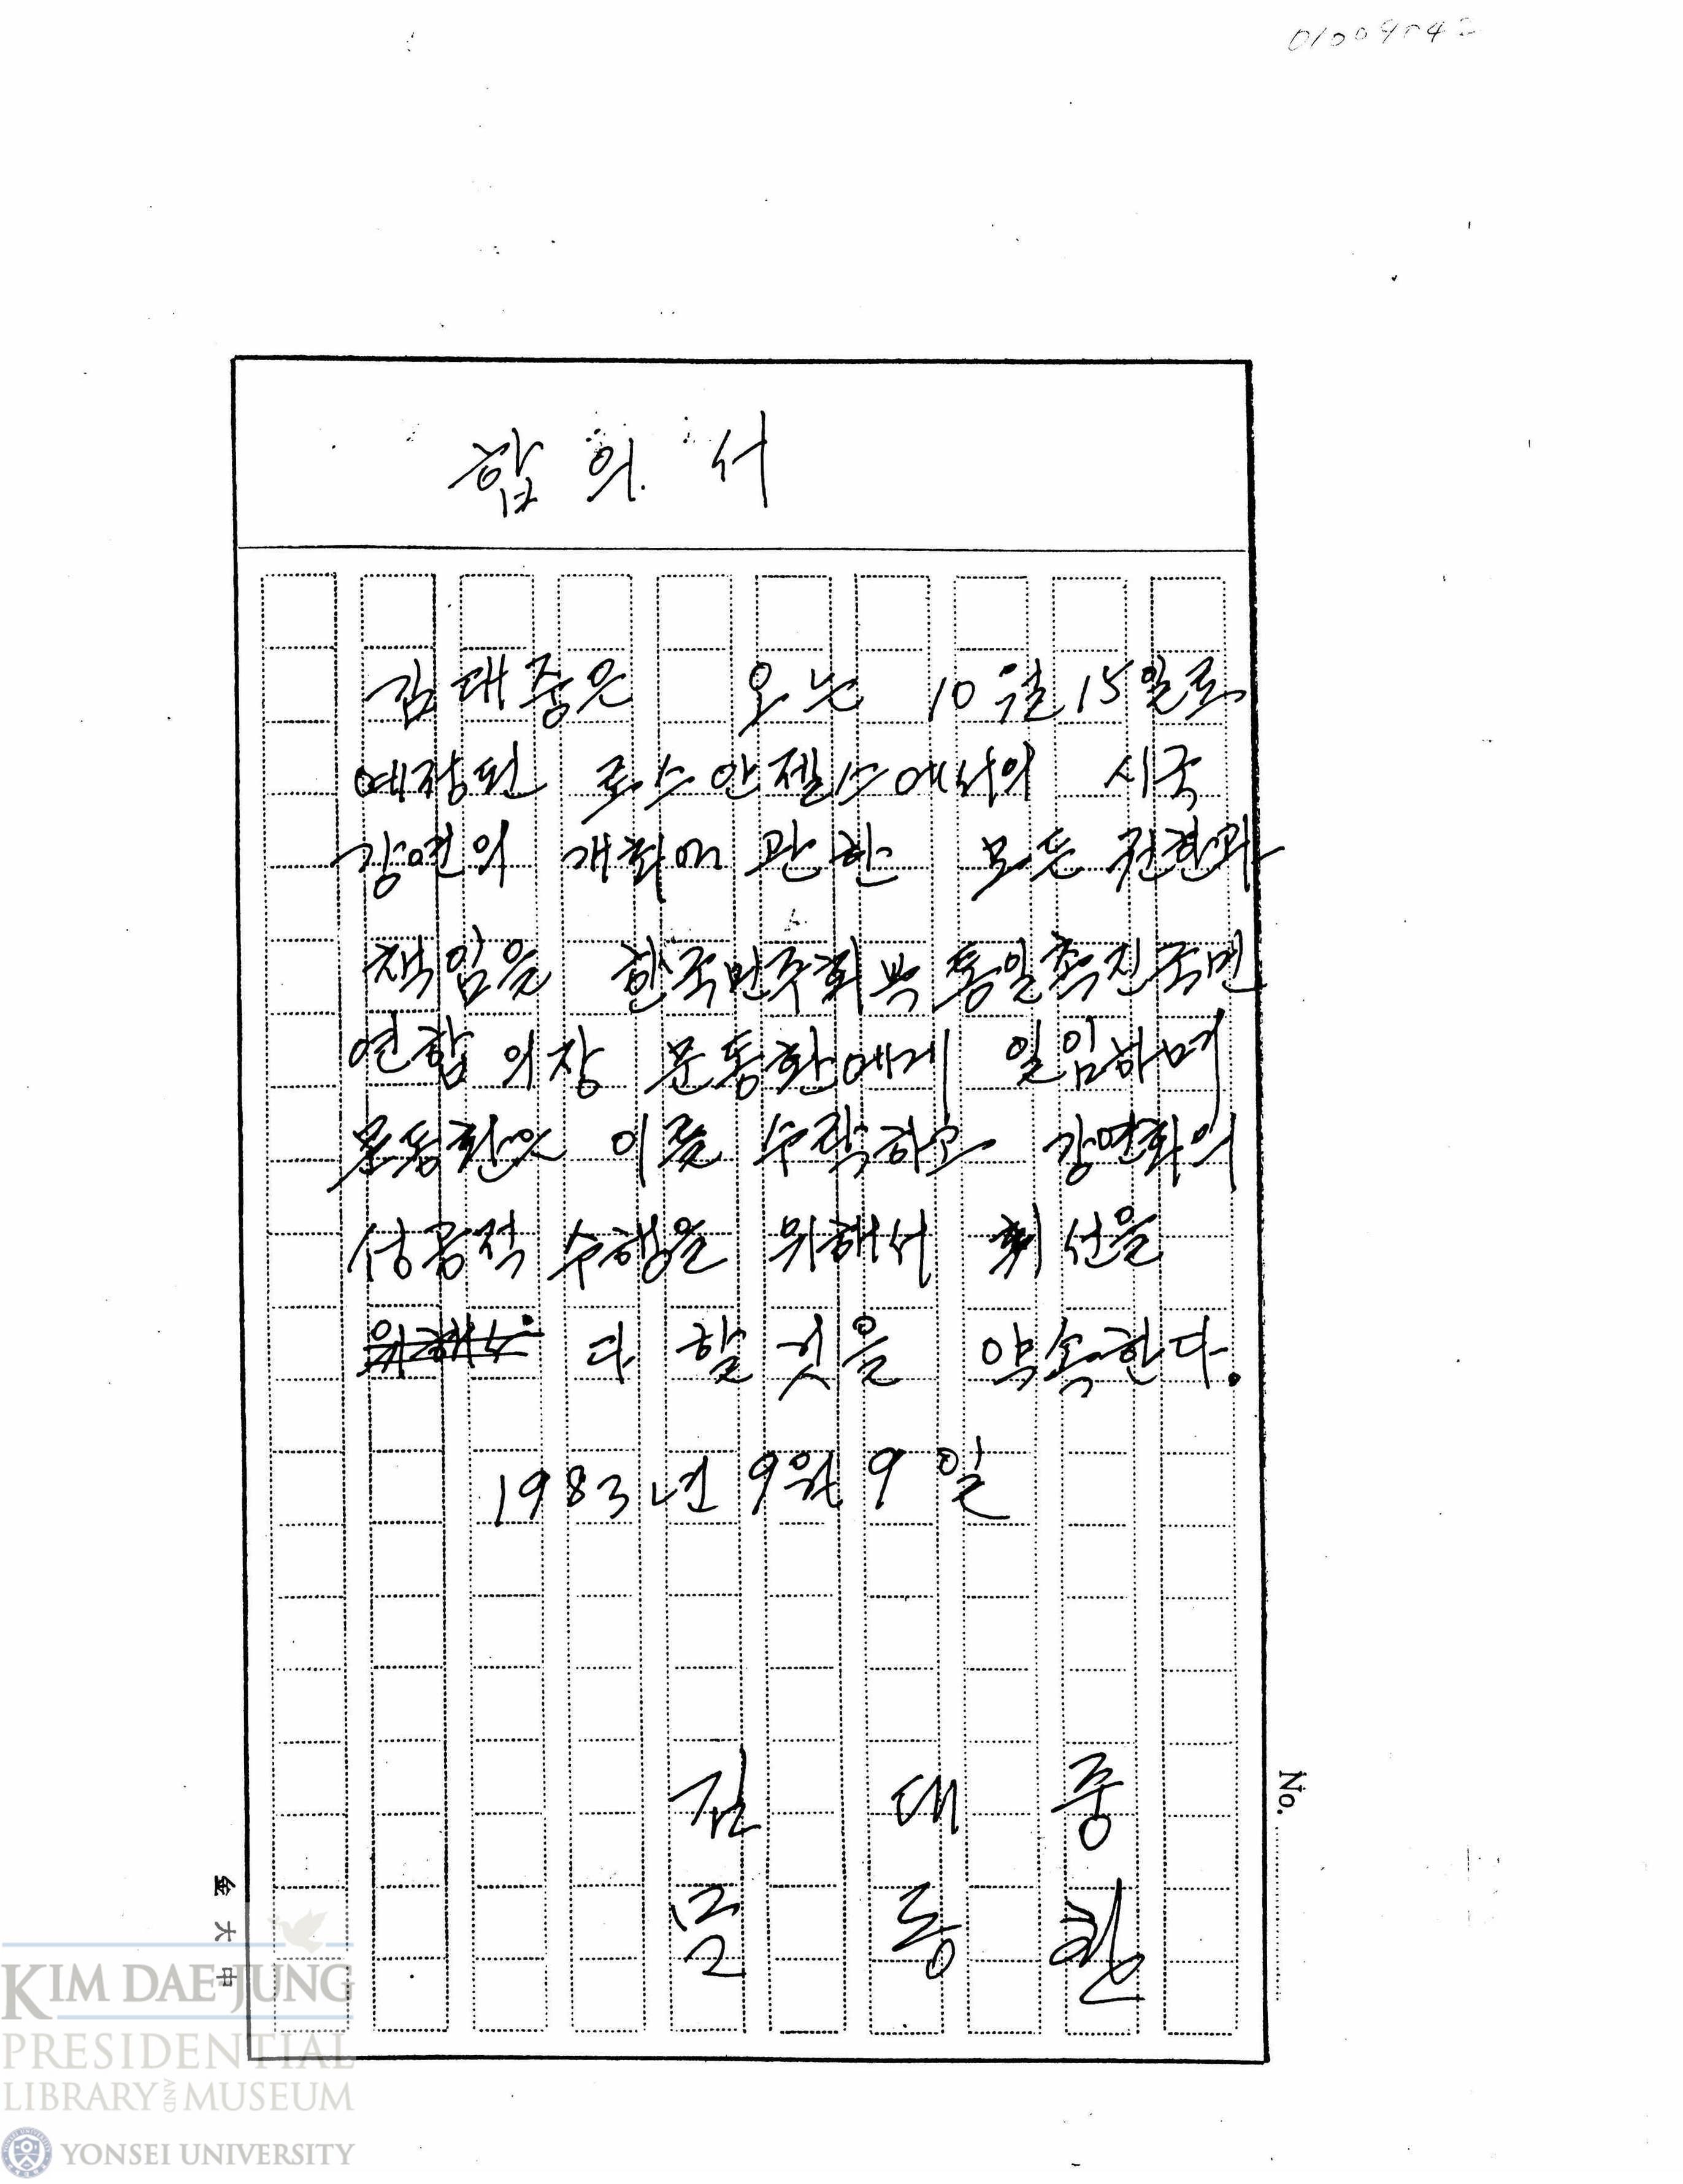 [최초공개] 김대중-문동환 합의서 1983년 9월 9일 당시 미국에 망명 중이었던 김대중 전 대통령이 문동환 목사와 함께 작성한 합의서.